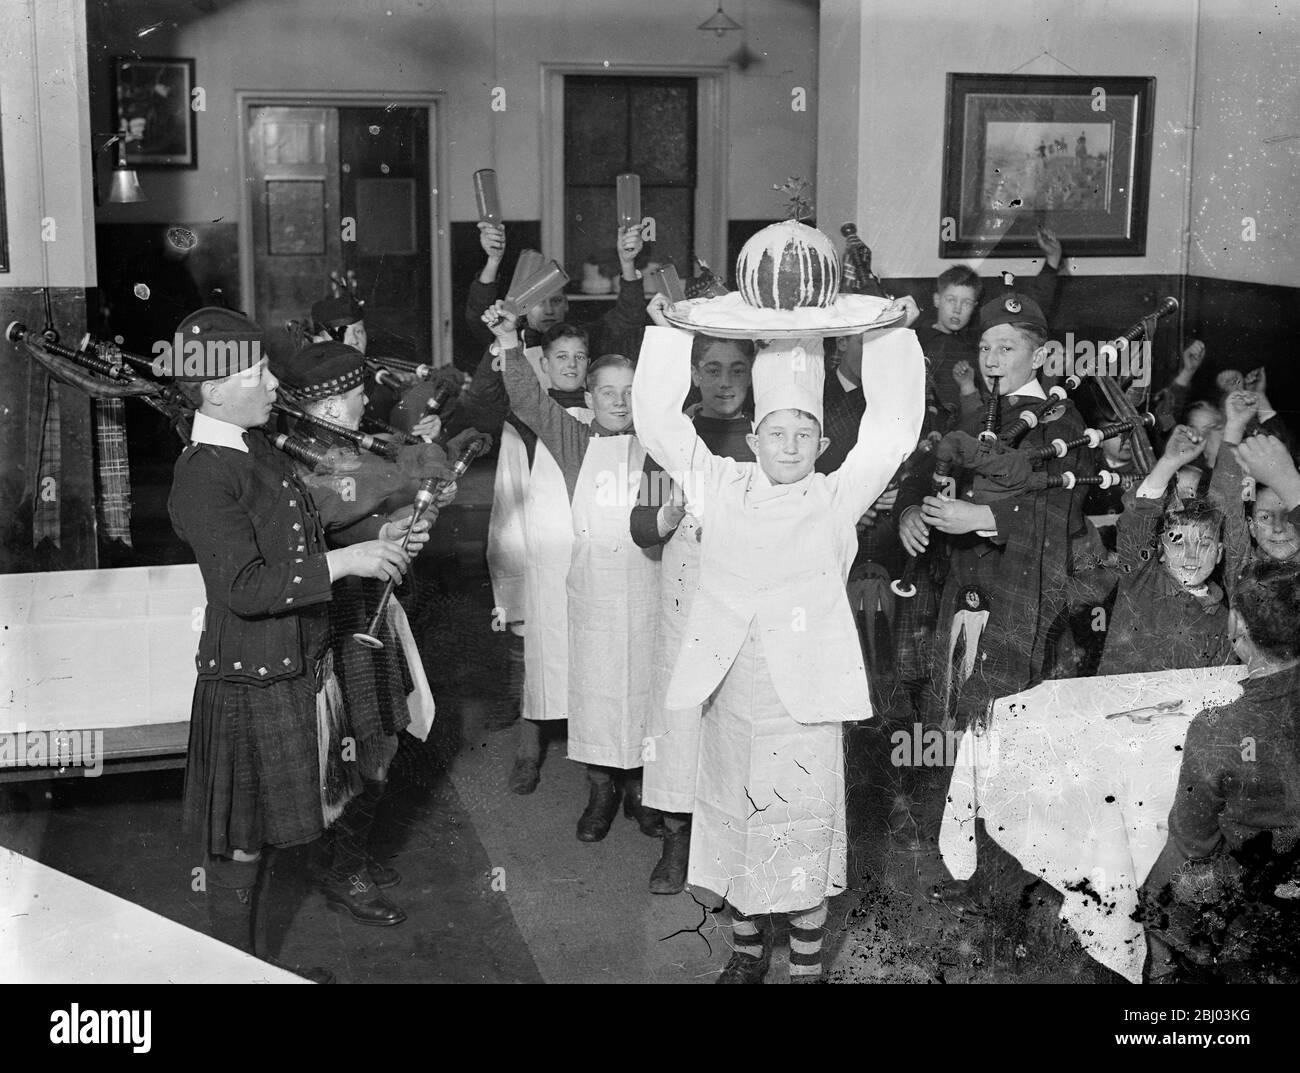 Las celebraciones navideñas ya han comenzado en una casa de Barnardo . - las fiestas navideñas han hecho un comienzo temprano en Dalziel del Dr. Barnardo de Wooler Memorial Home , Kingston , donde los puddings de Navidad fueron enlatados con una ceremonia elaborada . - Shows de fotos , chicos que animan como un pudín de Navidad llegan en plena regalia . - 30 de noviembre de 1935 Foto de stock